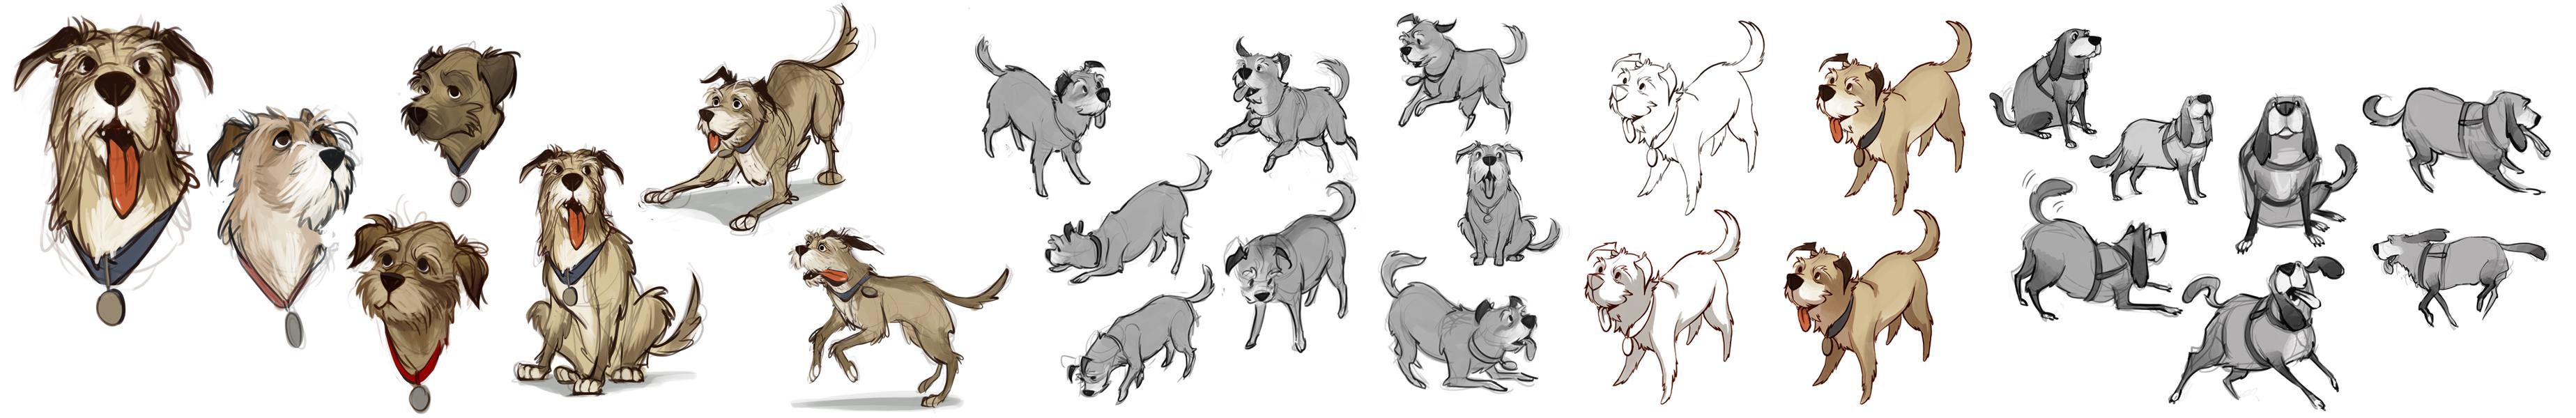 http://www.loish.net/files/gimgs/58_dogs.jpg